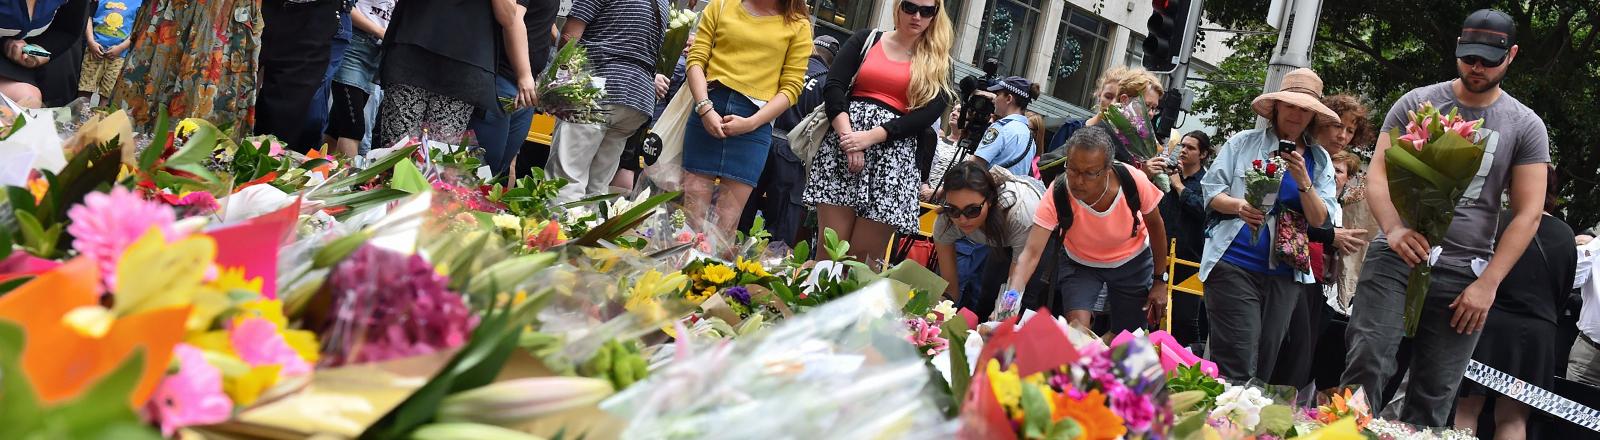 Am 16.12.2014 legen trauernde Menschen in Sydney Blumen nieder, nachdem ein Mann mehrere Geiseln nahm und bei dem Polizeieinsatz er und zwei Geiseln starben.